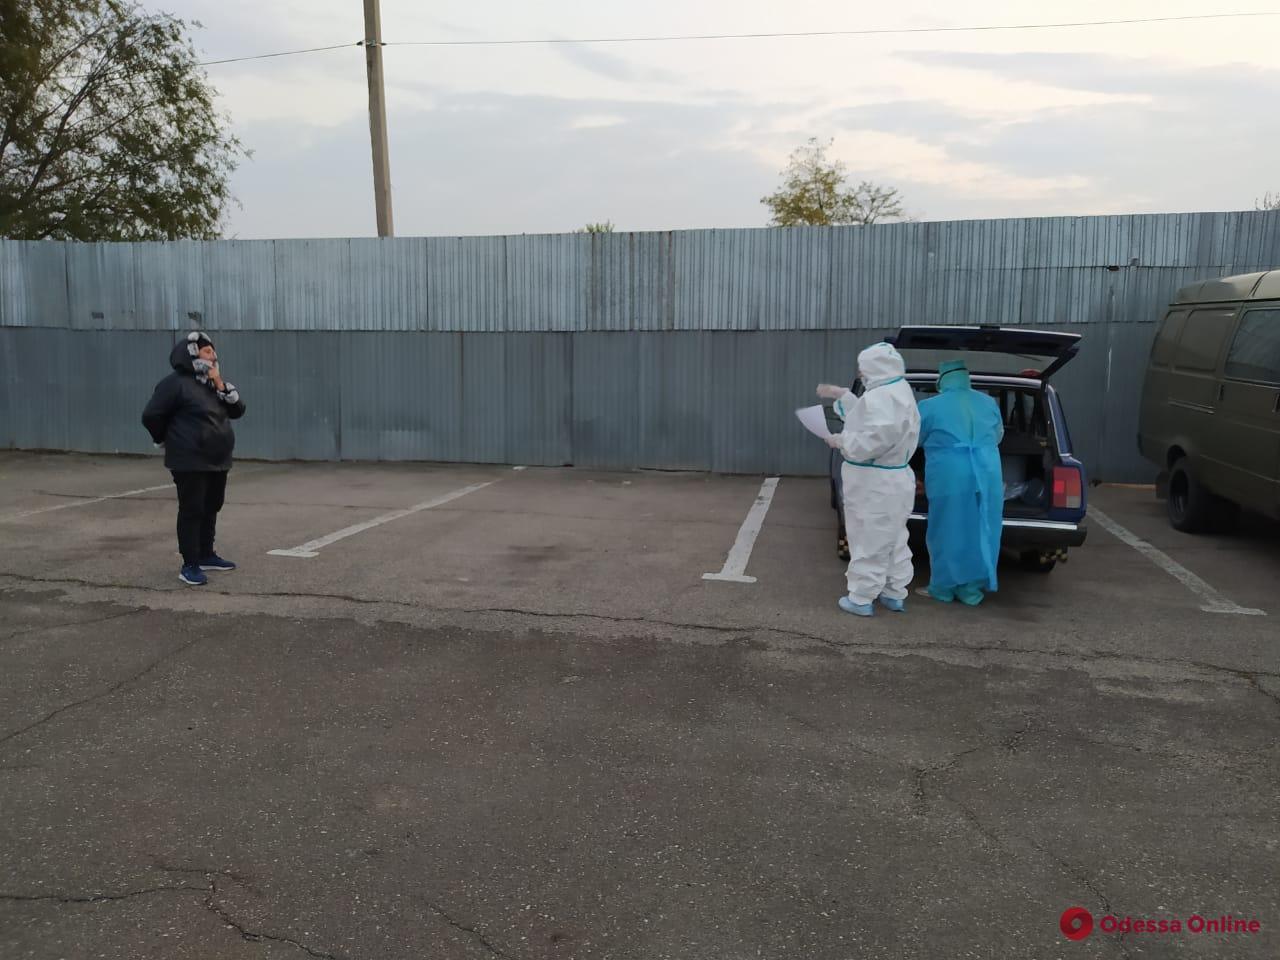 Одесская область: в пункте пропуска пришлось провести дезинфекцию из-за двух женщин с COVID-19